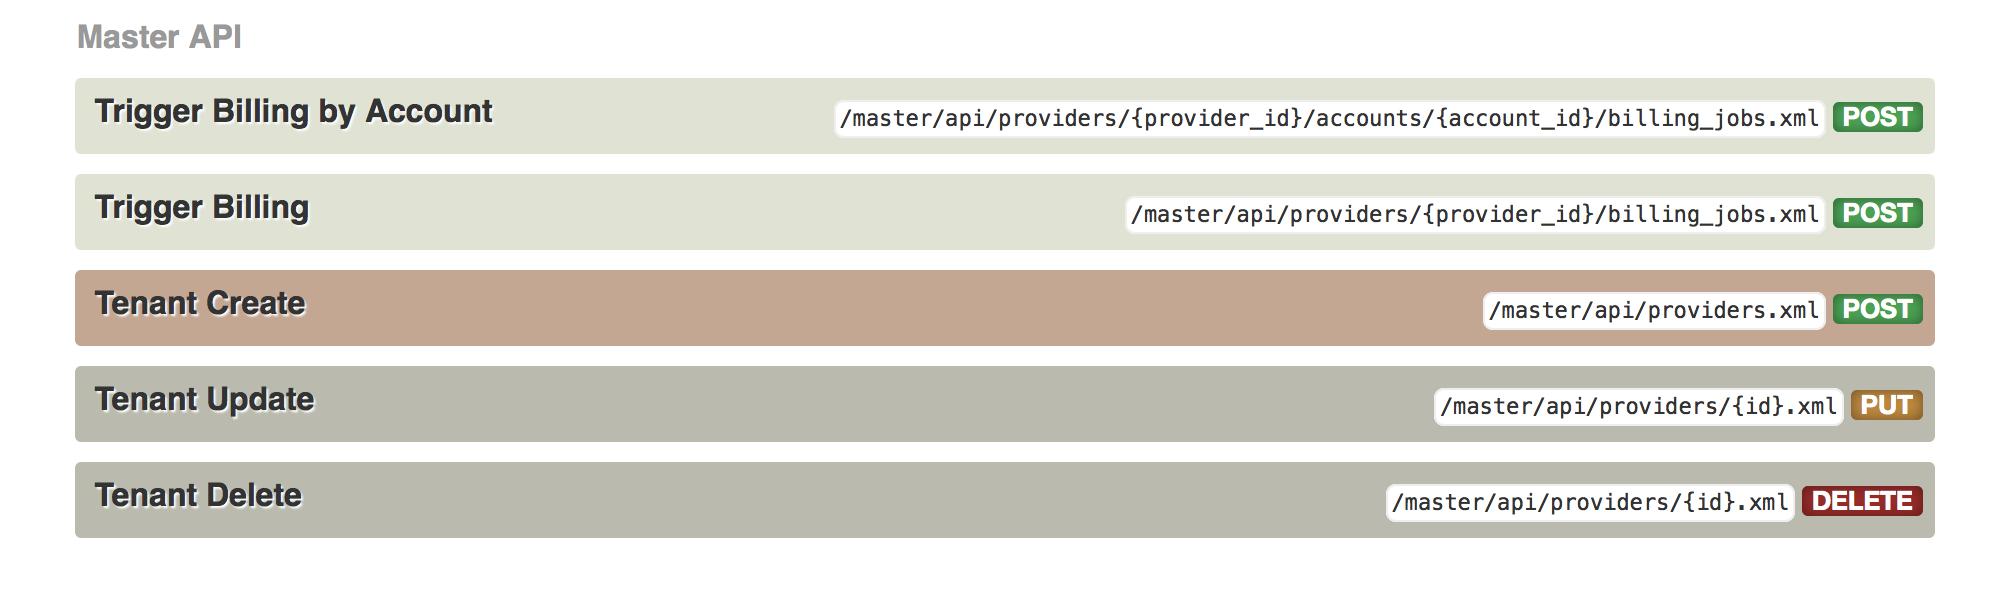 Master API section